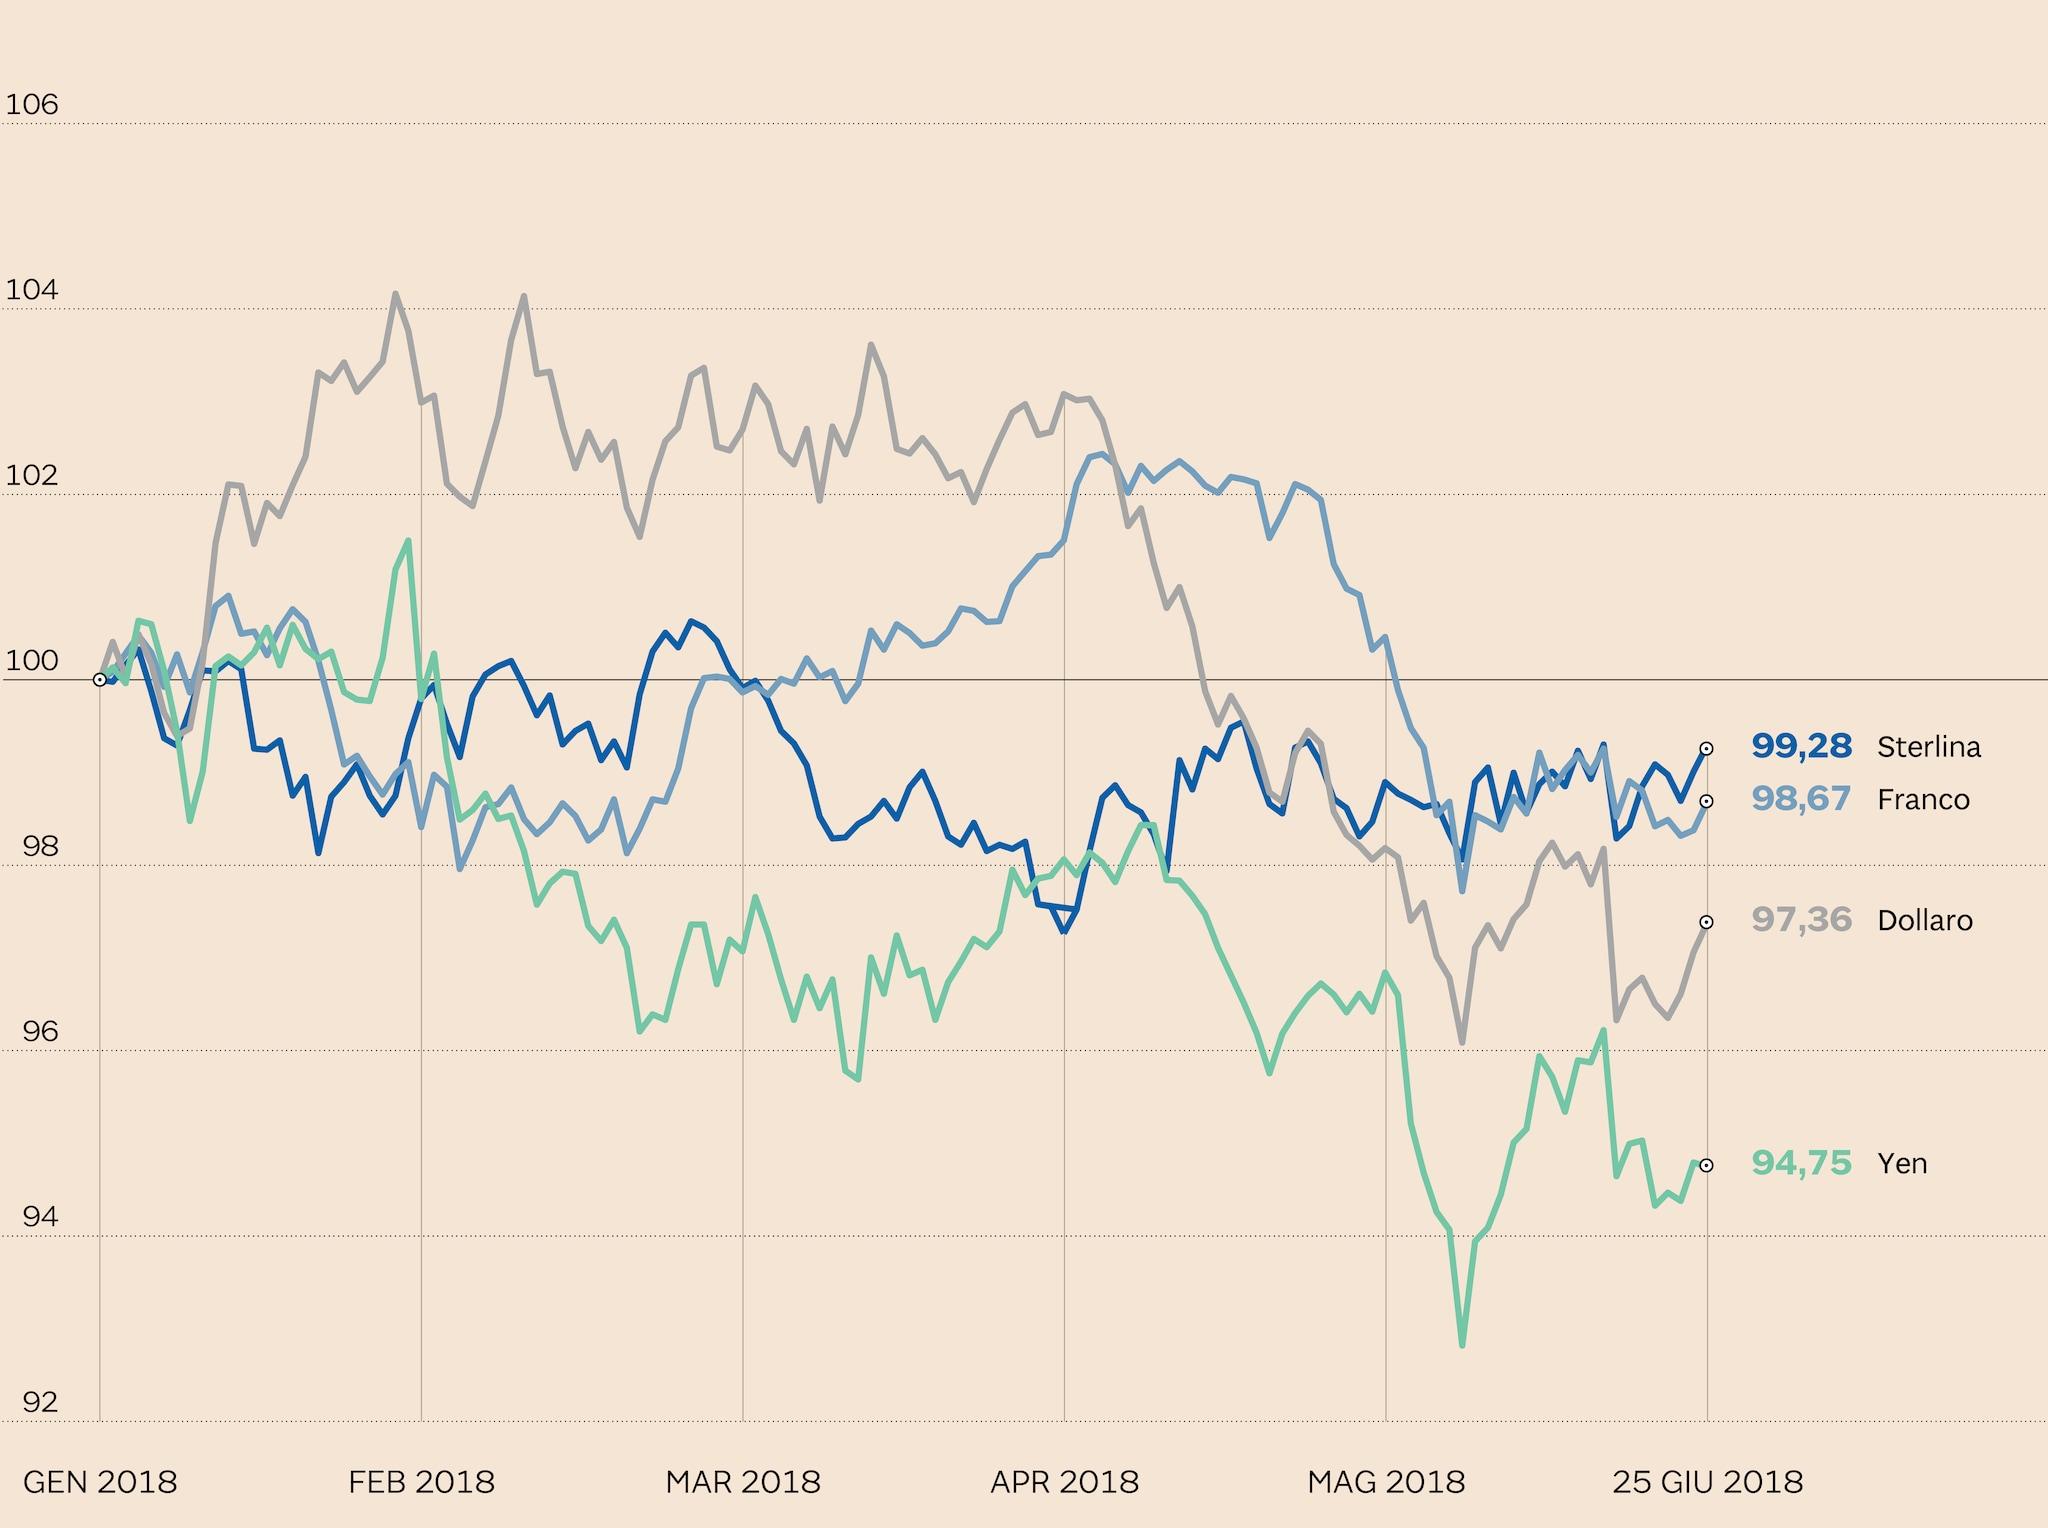 L'ANDAMENTO DELL'EURO RISPETTO ALLE ALTRE VALUTE BIG